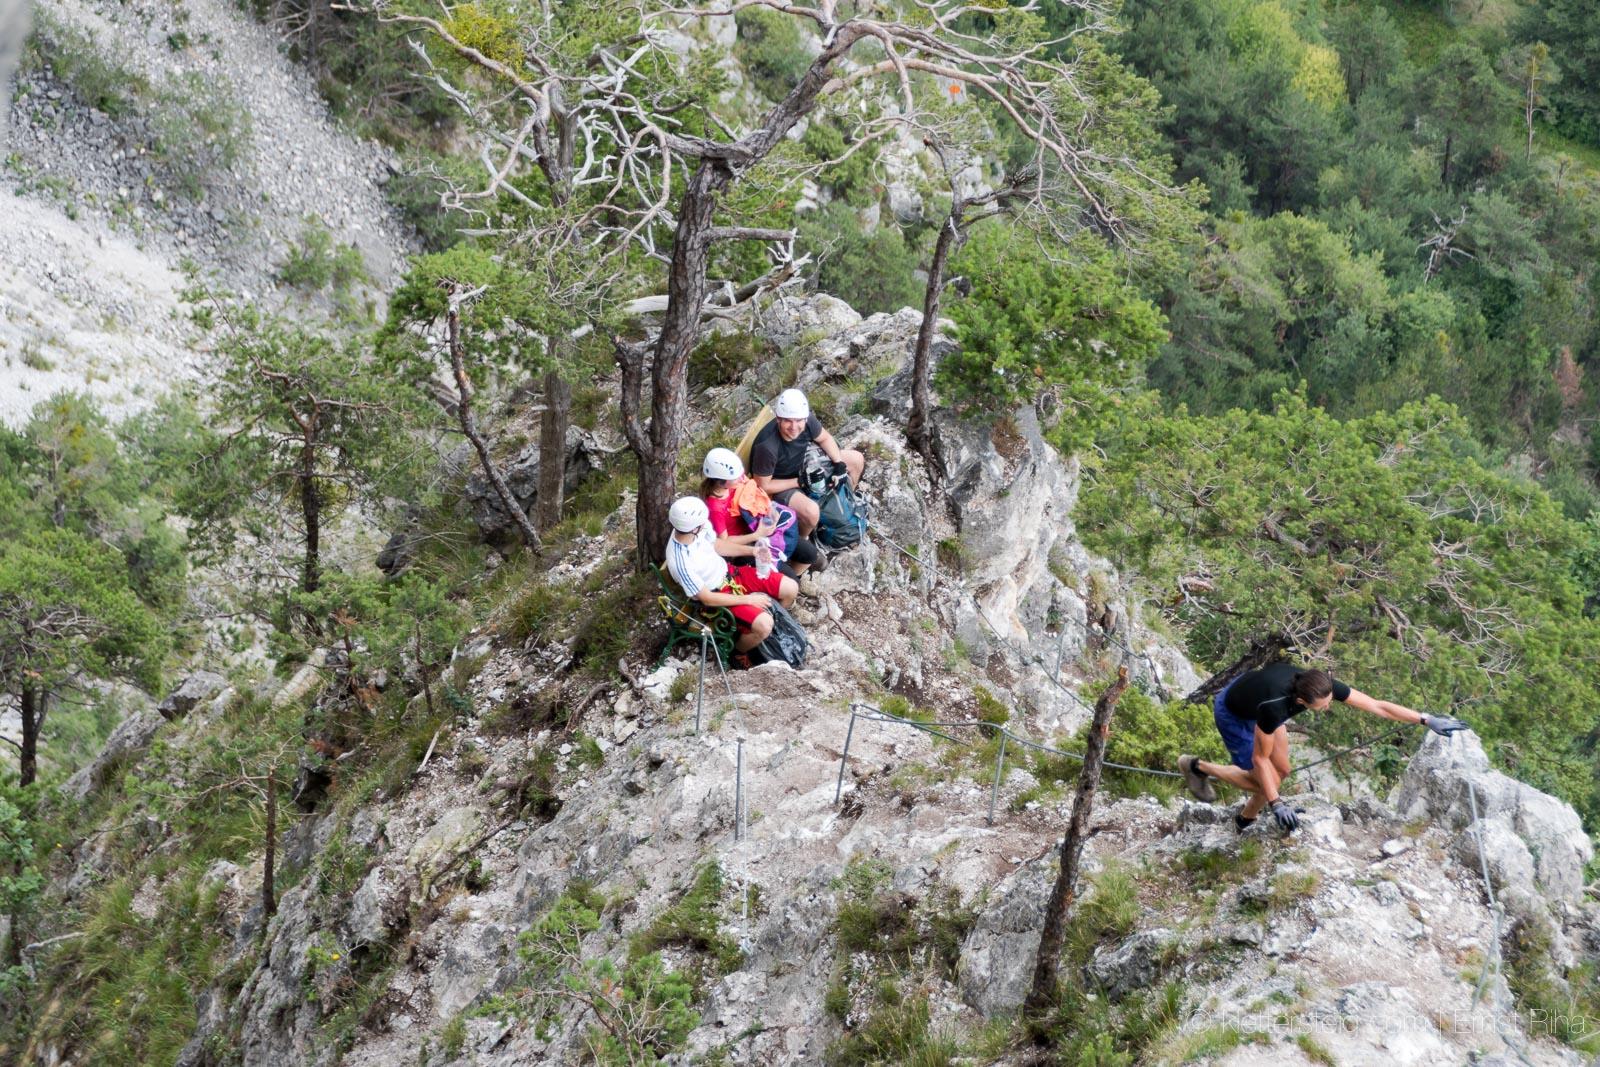 Klettersteig Geierwand : 8. juli 2017 geierwand klettersteig klettersteige